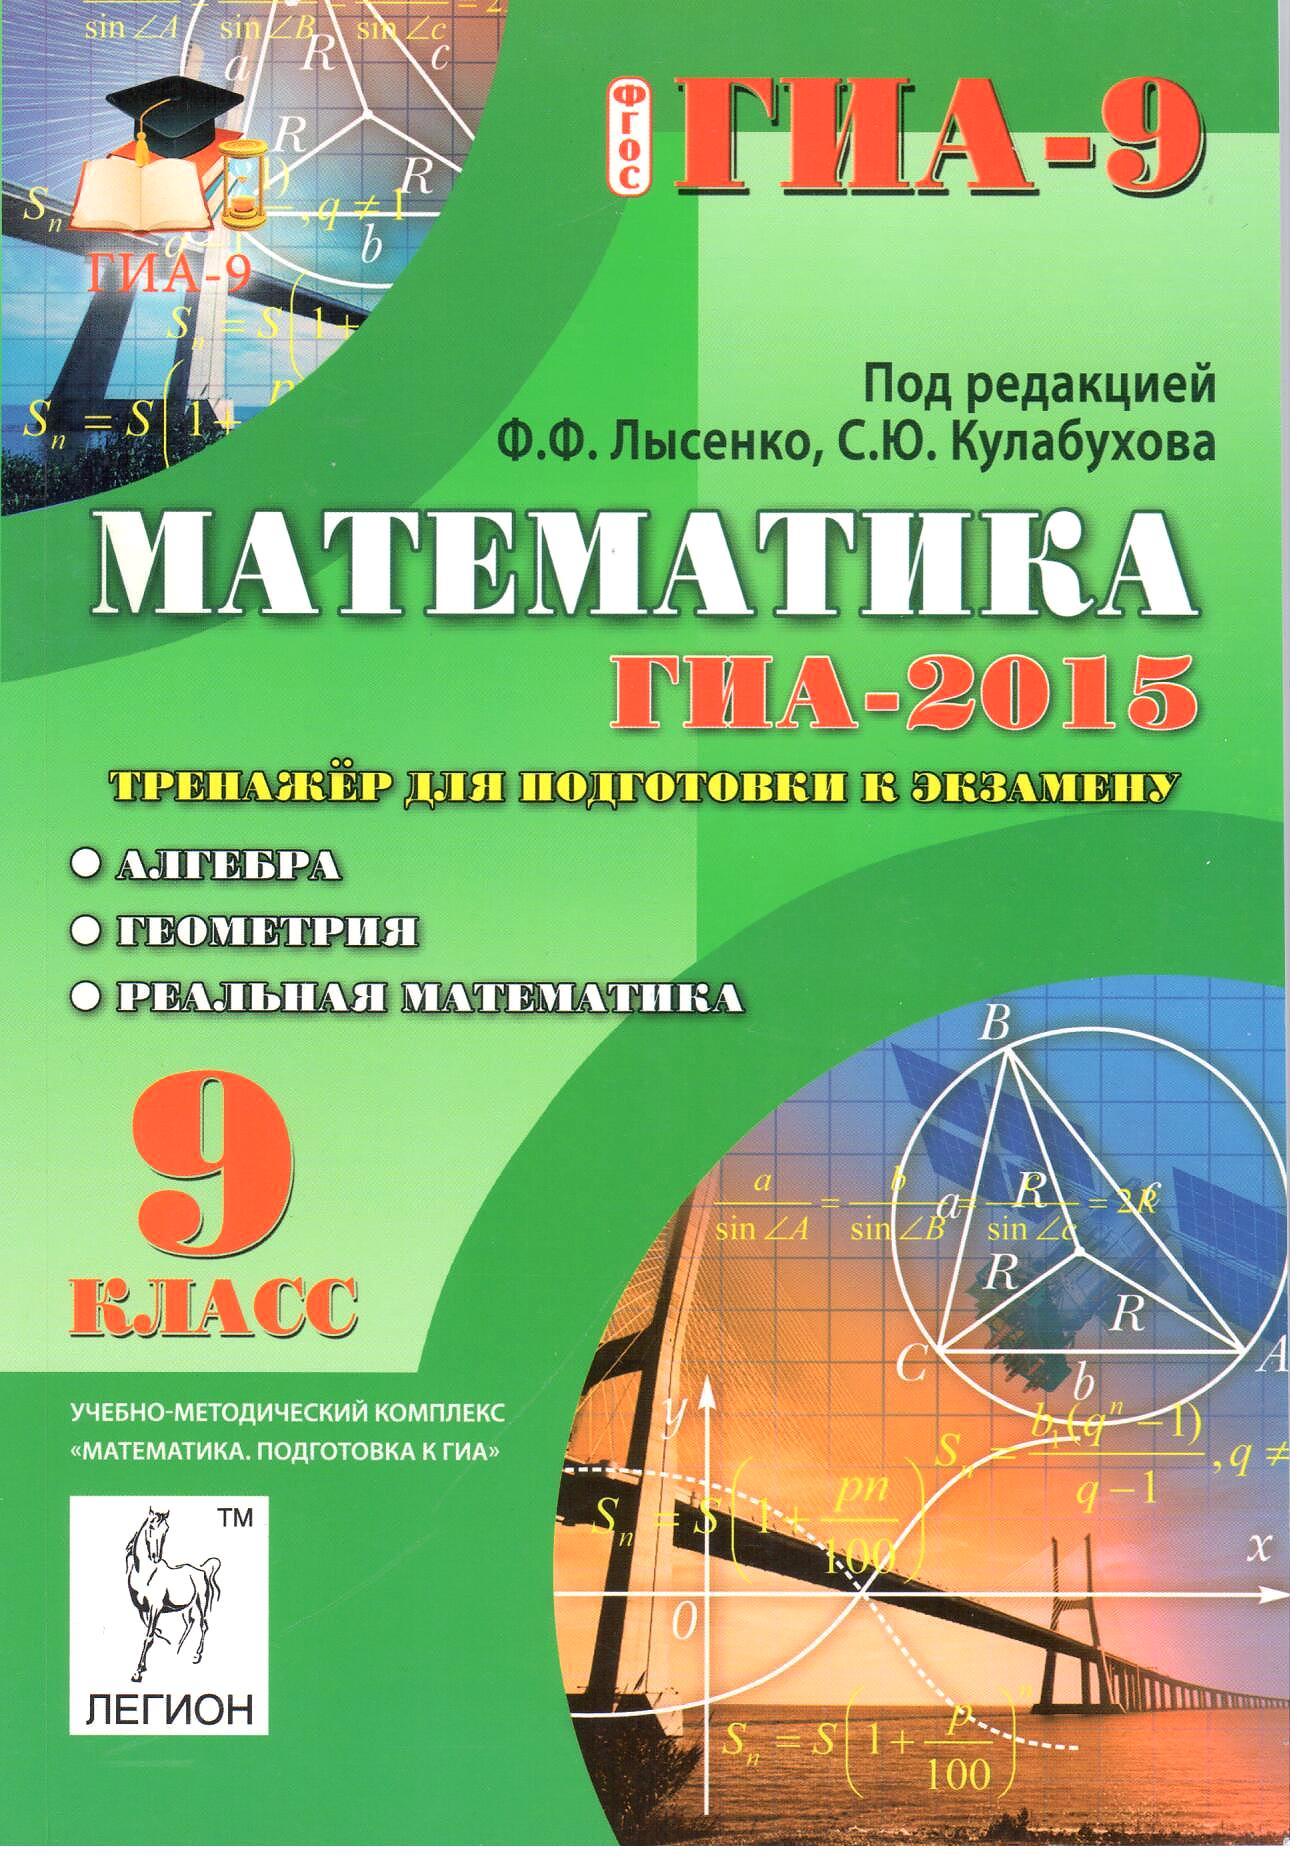 Решебник подготовка к гиа математика ф.ф.лысенко